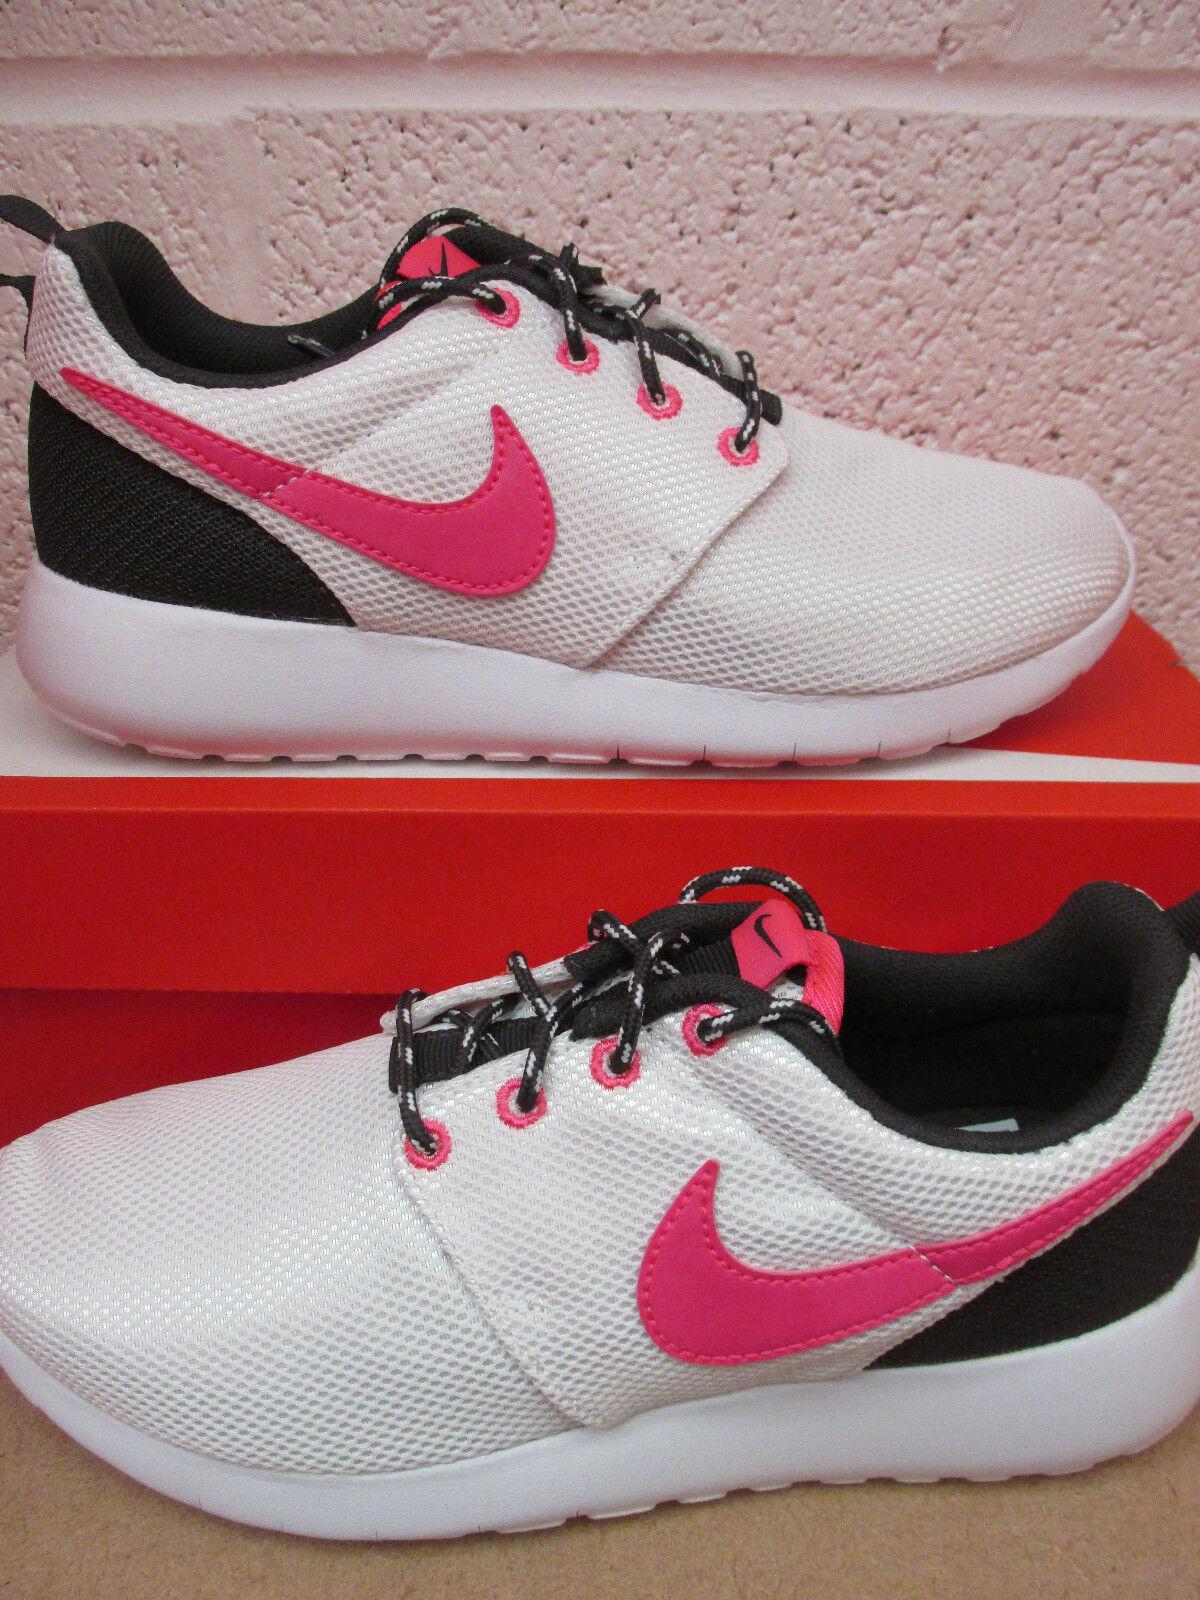 Descuento por tiempo limitado nike roshe one (GS) trainers 599729 104 sneakers shoes